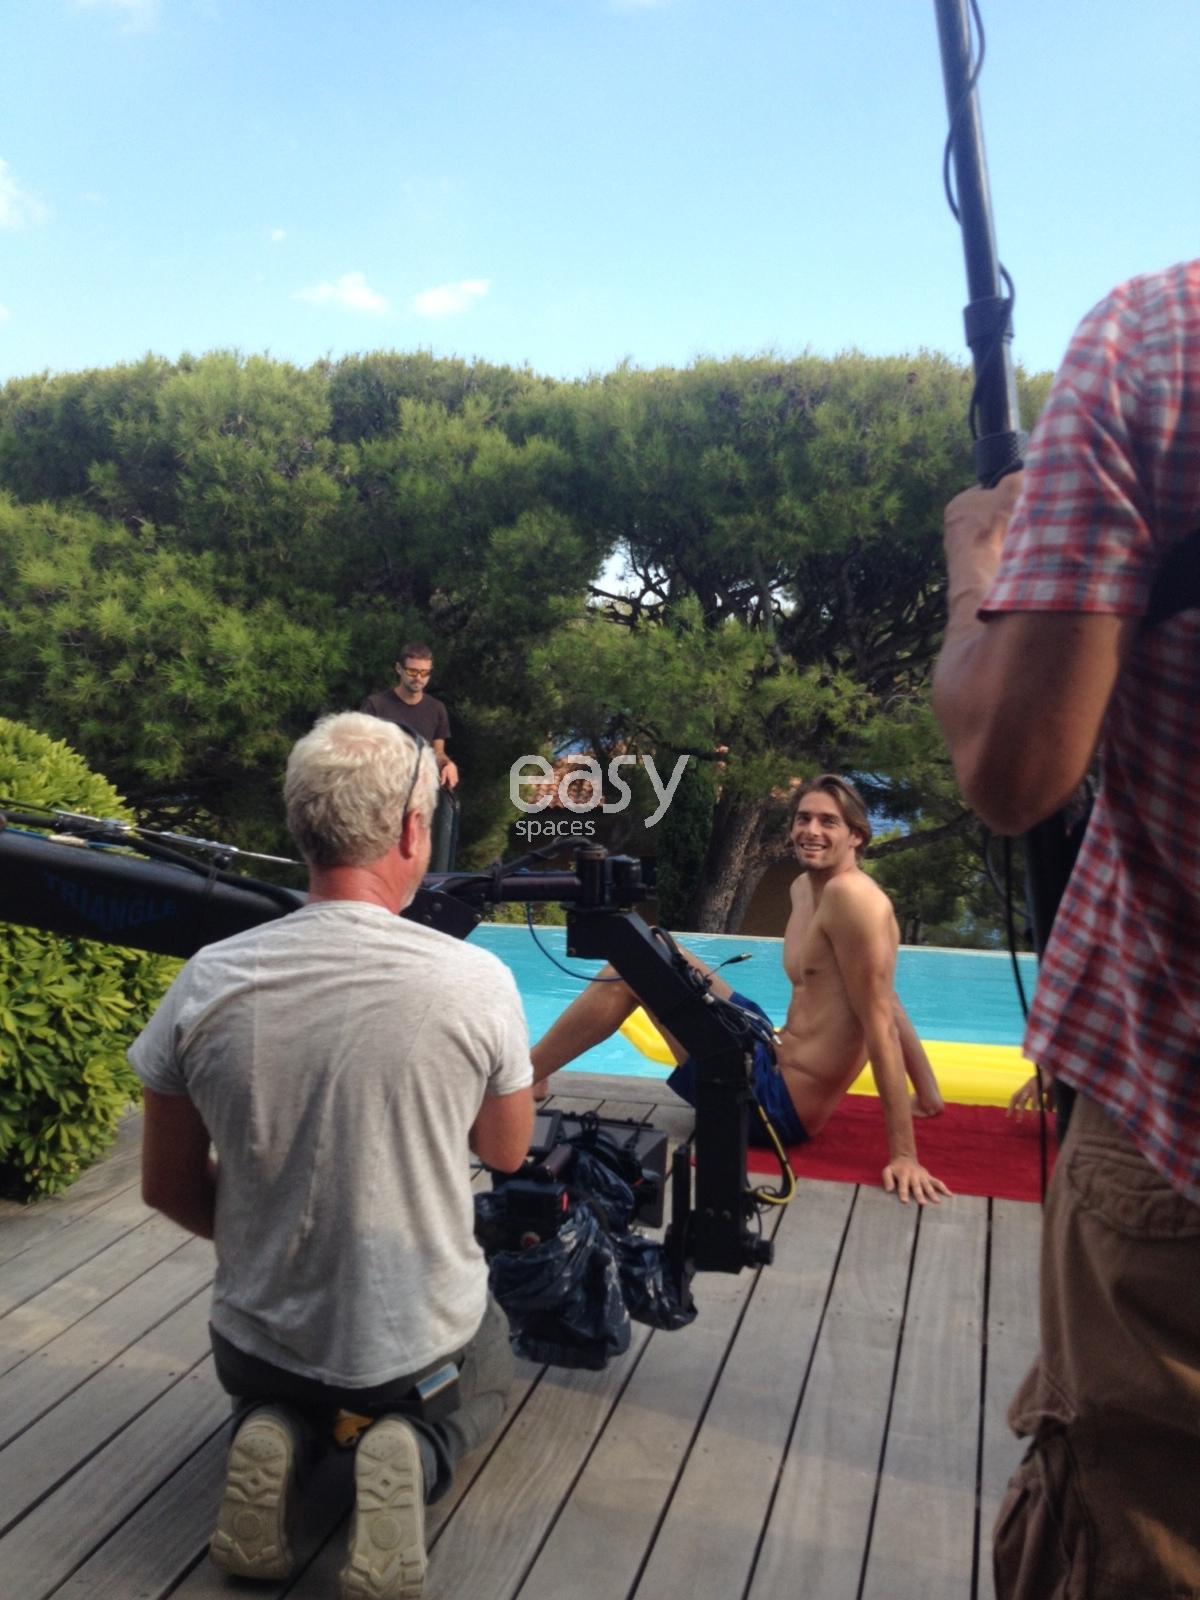 tournage à Cassis avec le nageur Camille Lacours